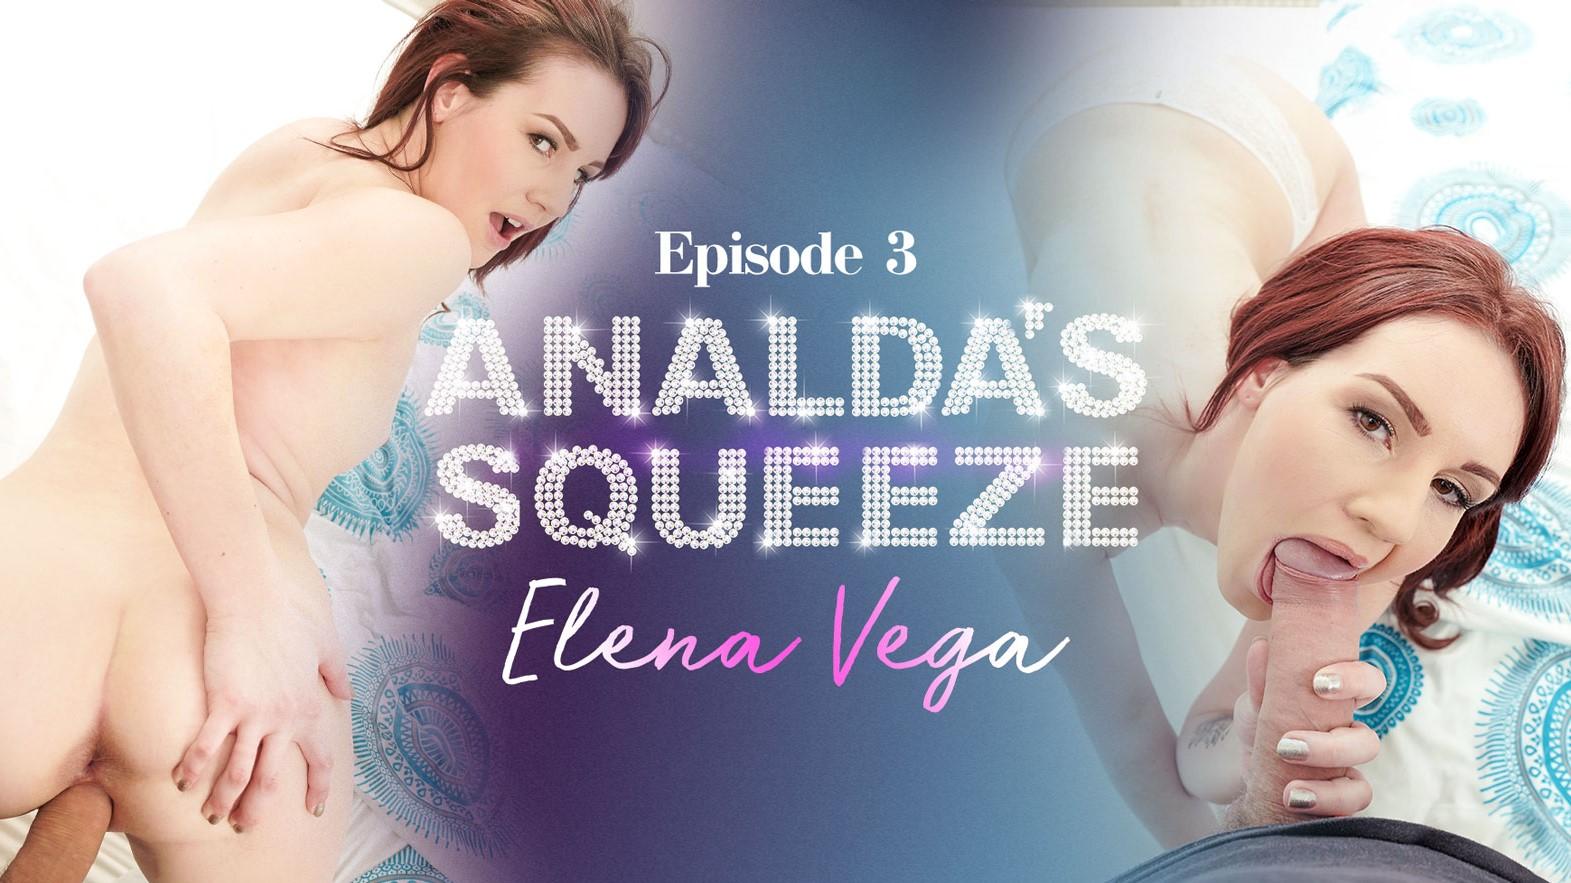 EP. 3 - Analda's Squeeze POV